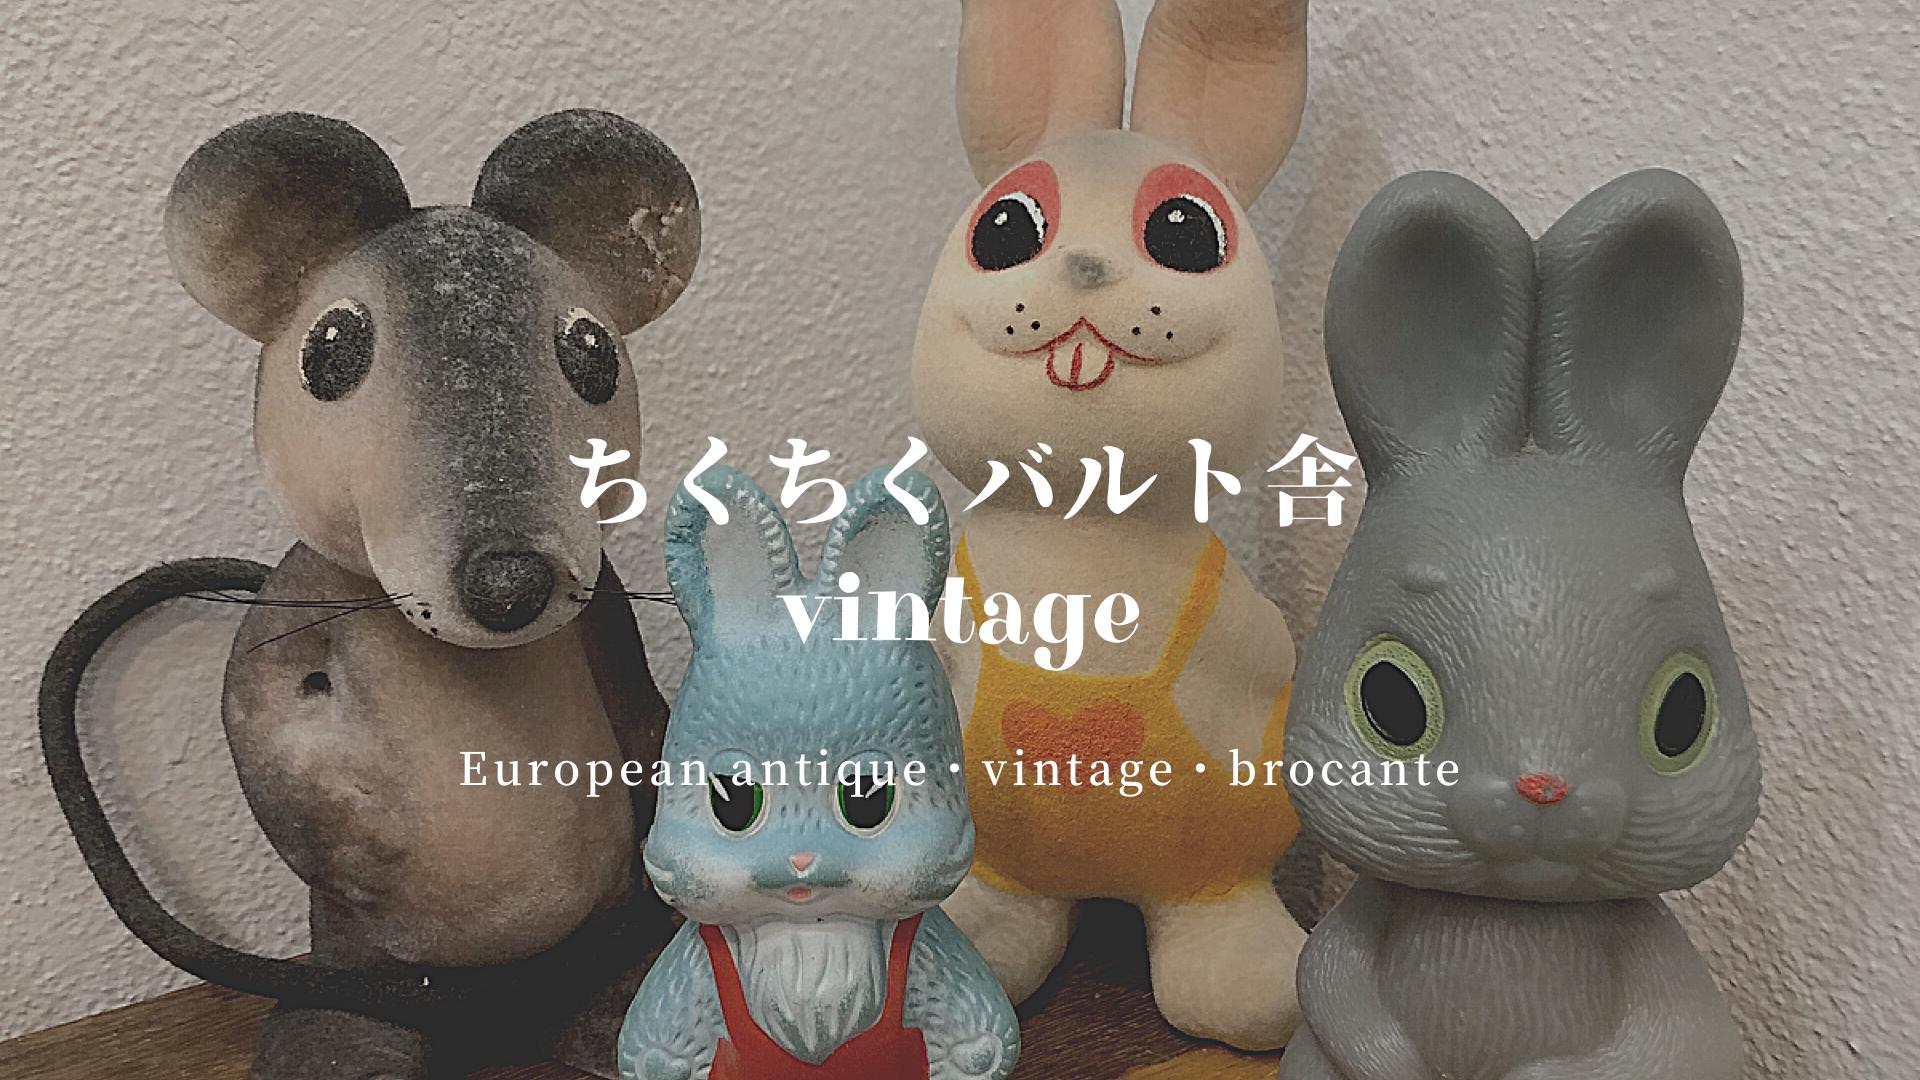 ちくちくバルト舎vintage OPEN!